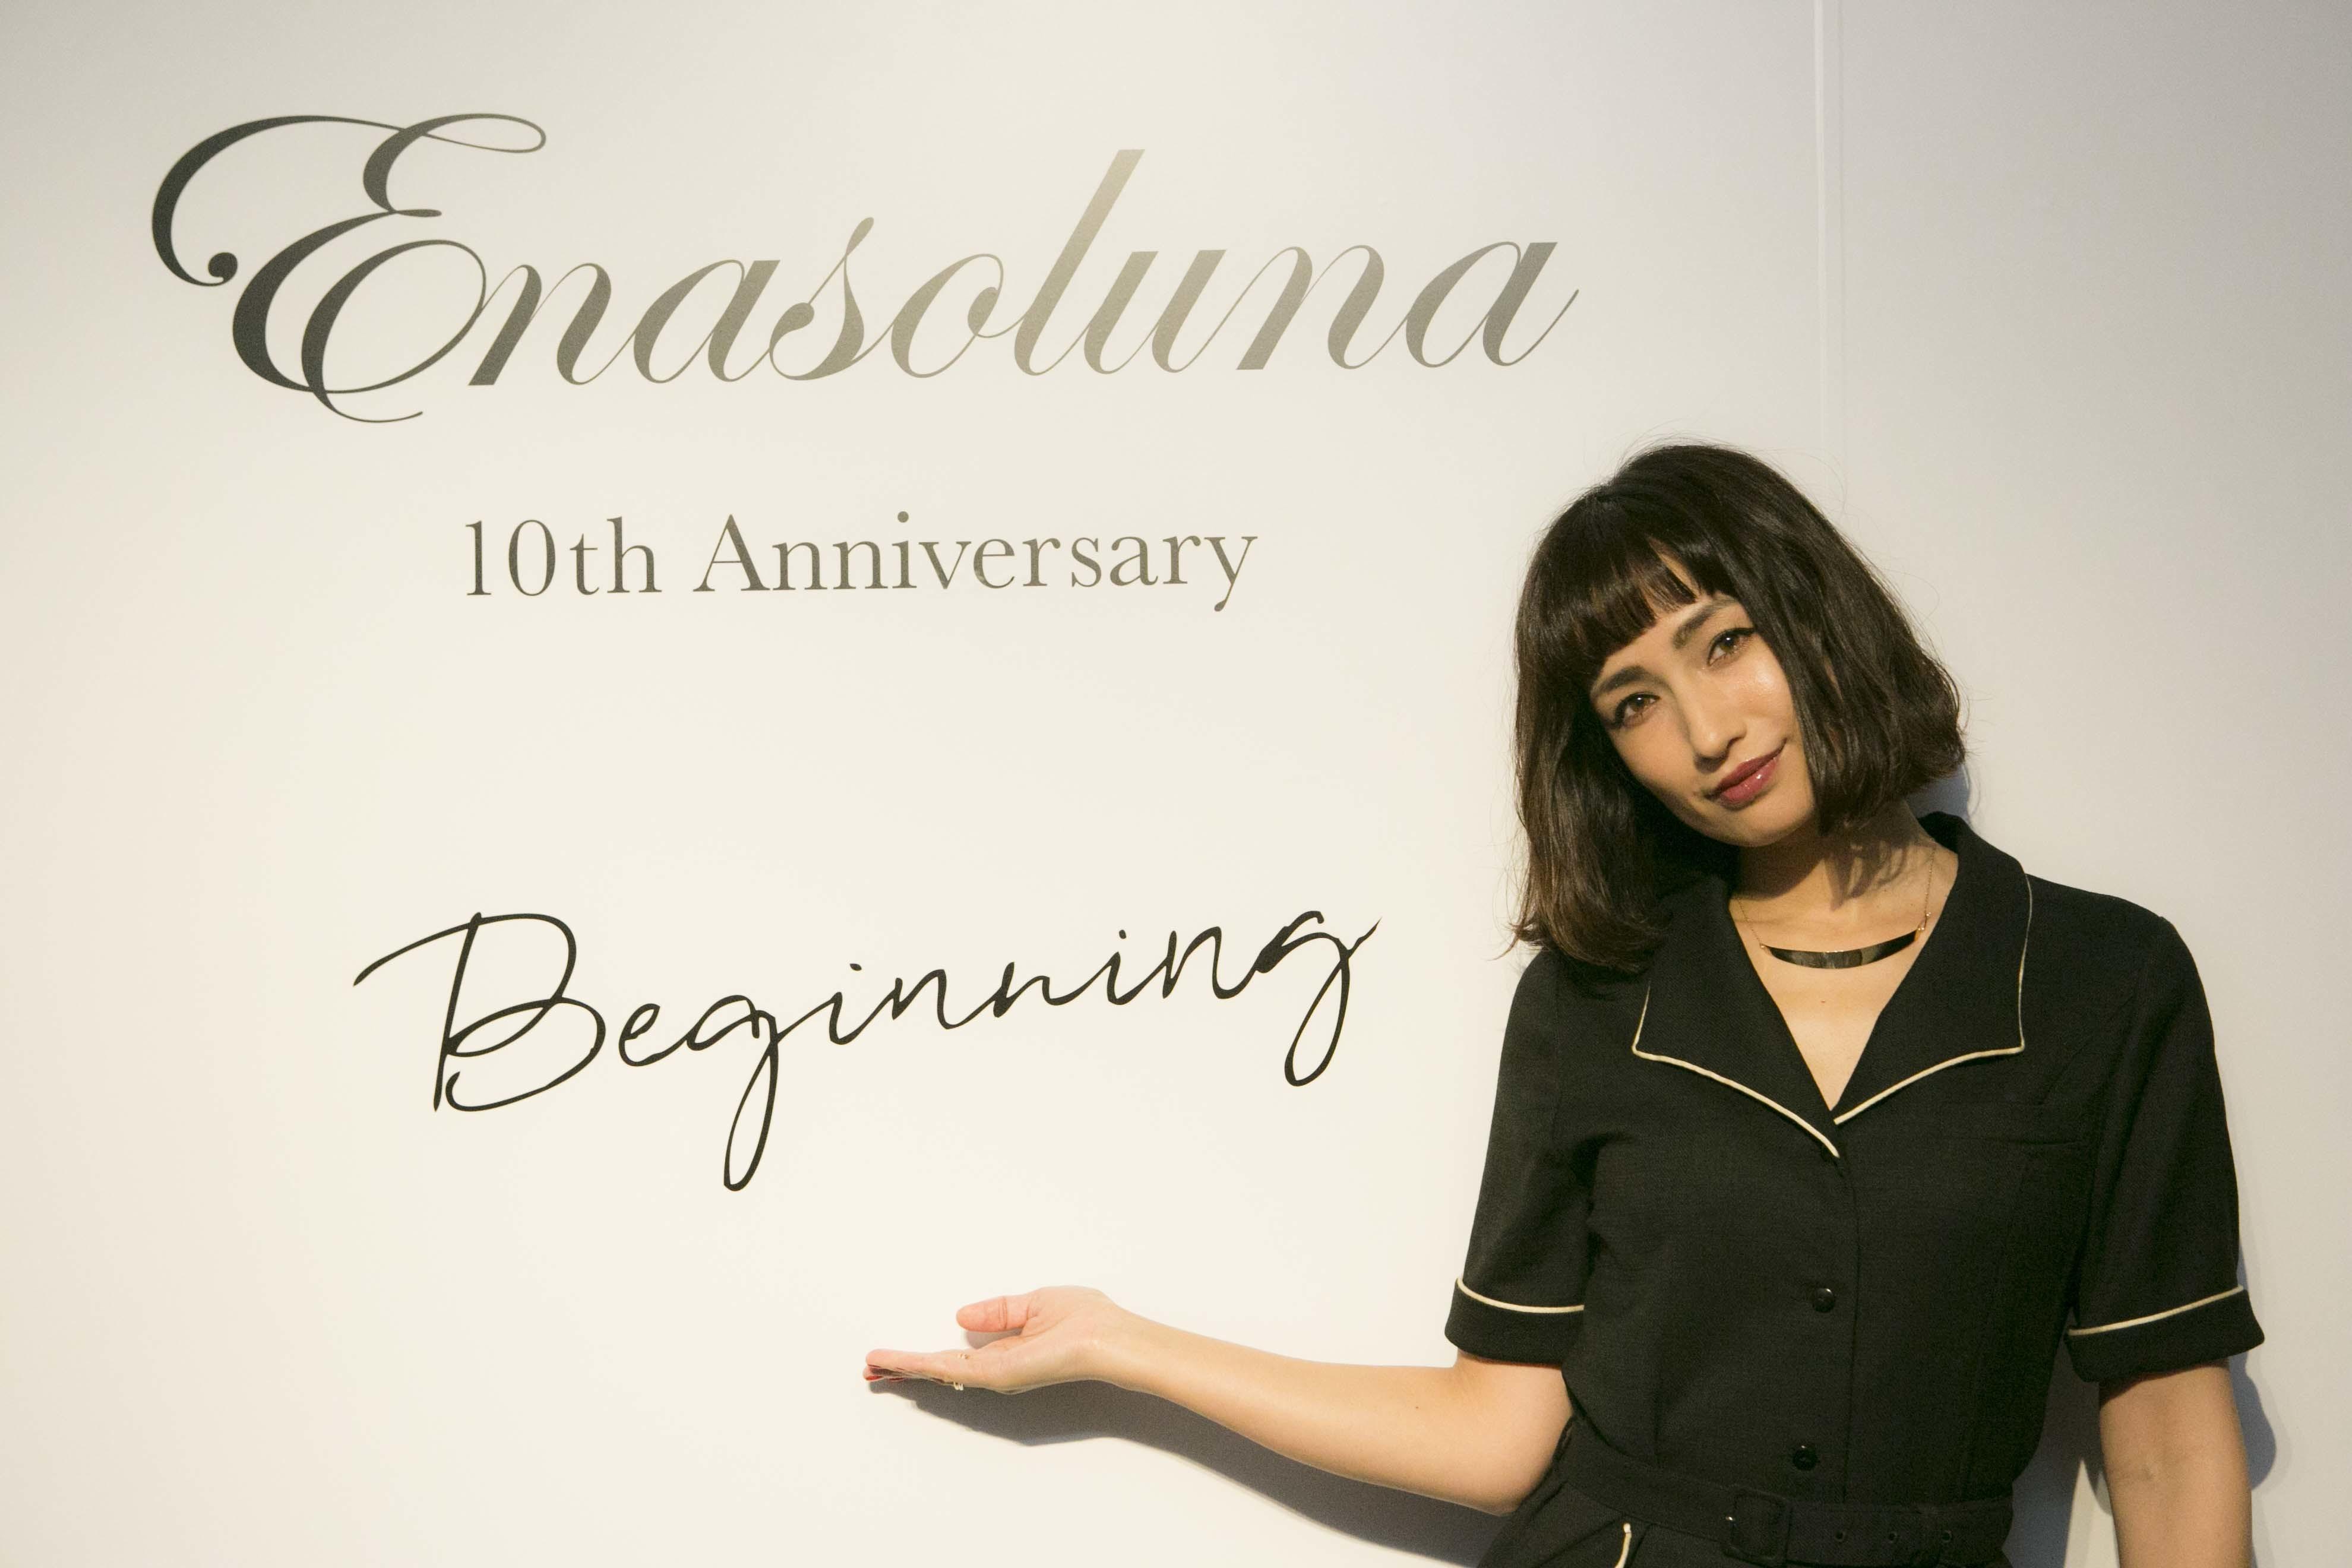 佐田真由美さんプロデュース Enasoluna10周年にこめる想い_1_1